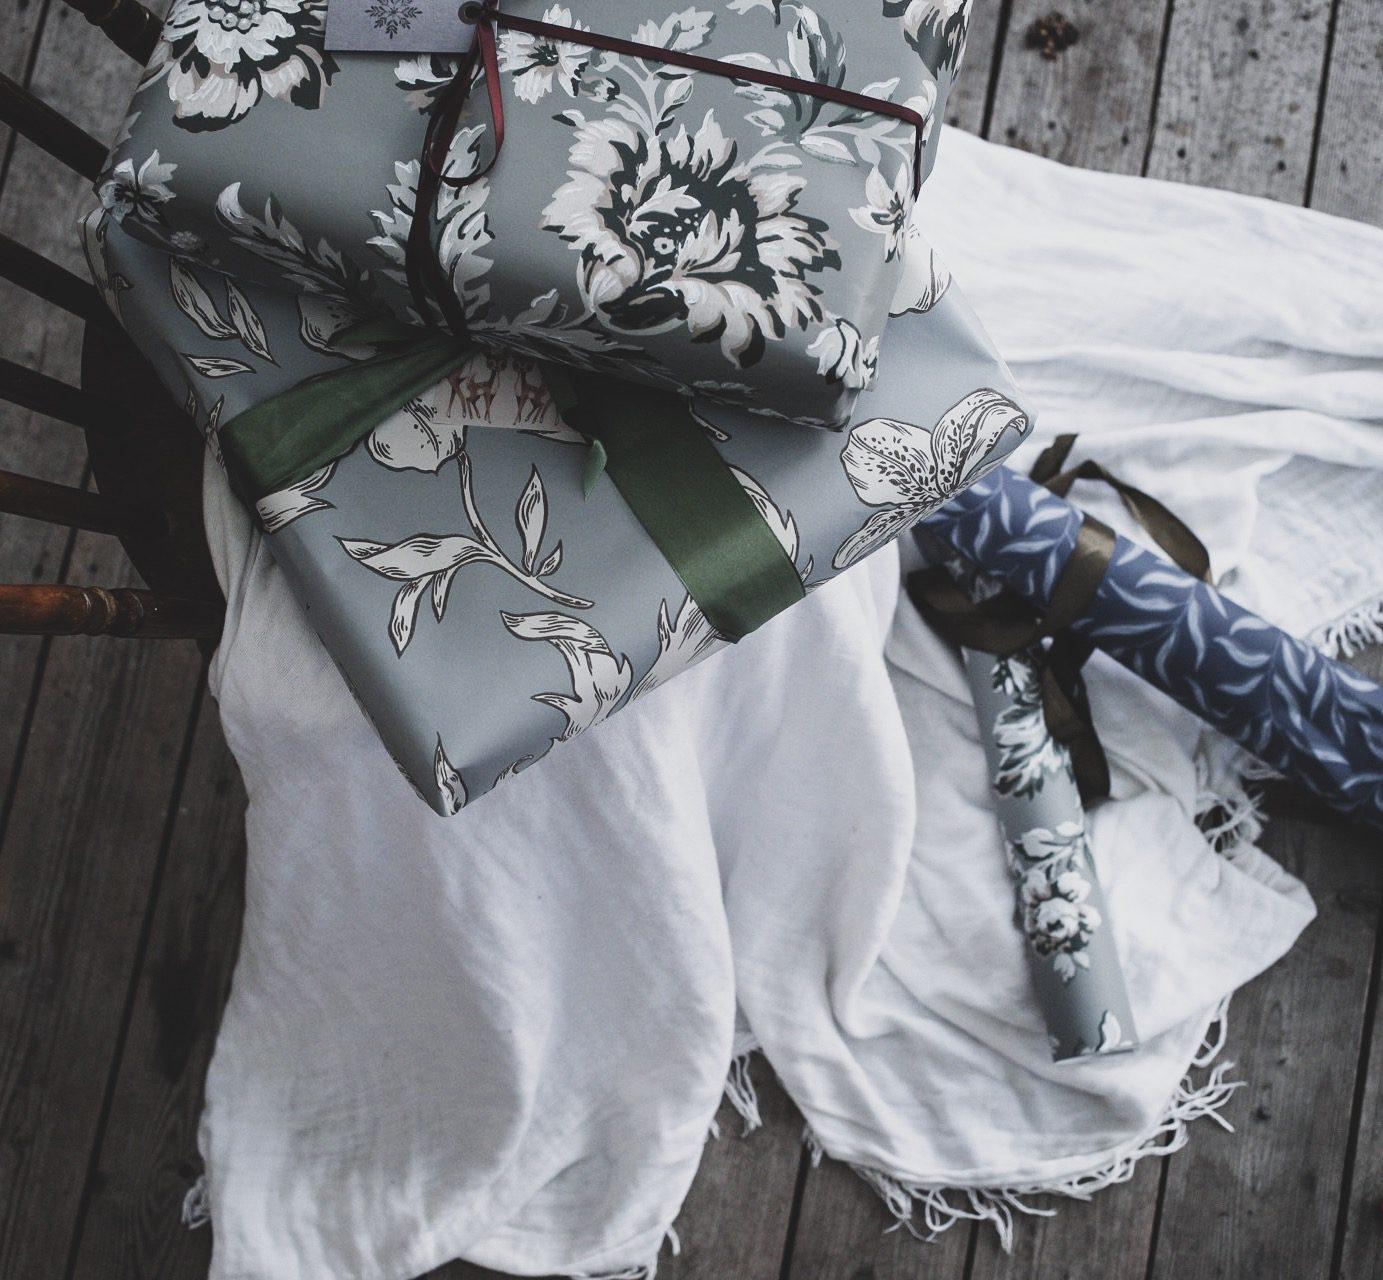 Lovely life slå in julklappar i tapet